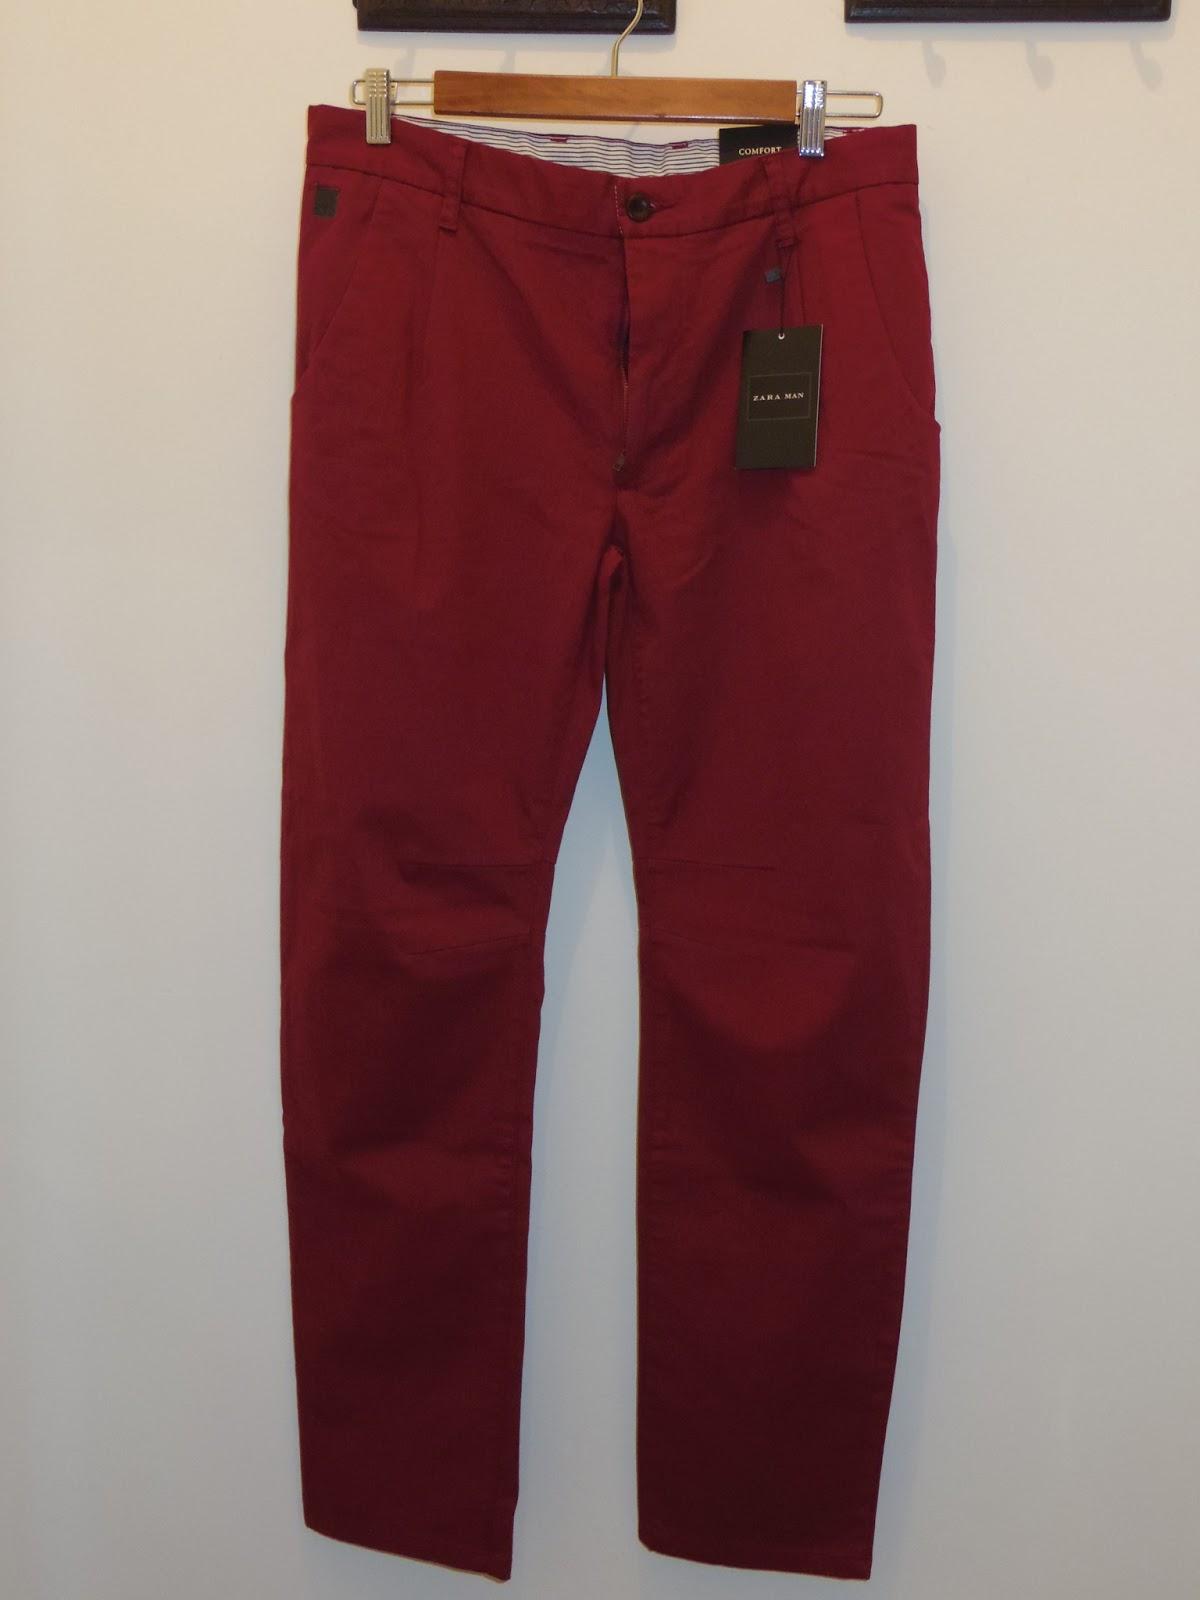 529feab7c Los pantalones de colores son un básico en el armario de cualquier hombre  una vez que llega la primavera hasta el final del verano, y en las ciudades  donde ...